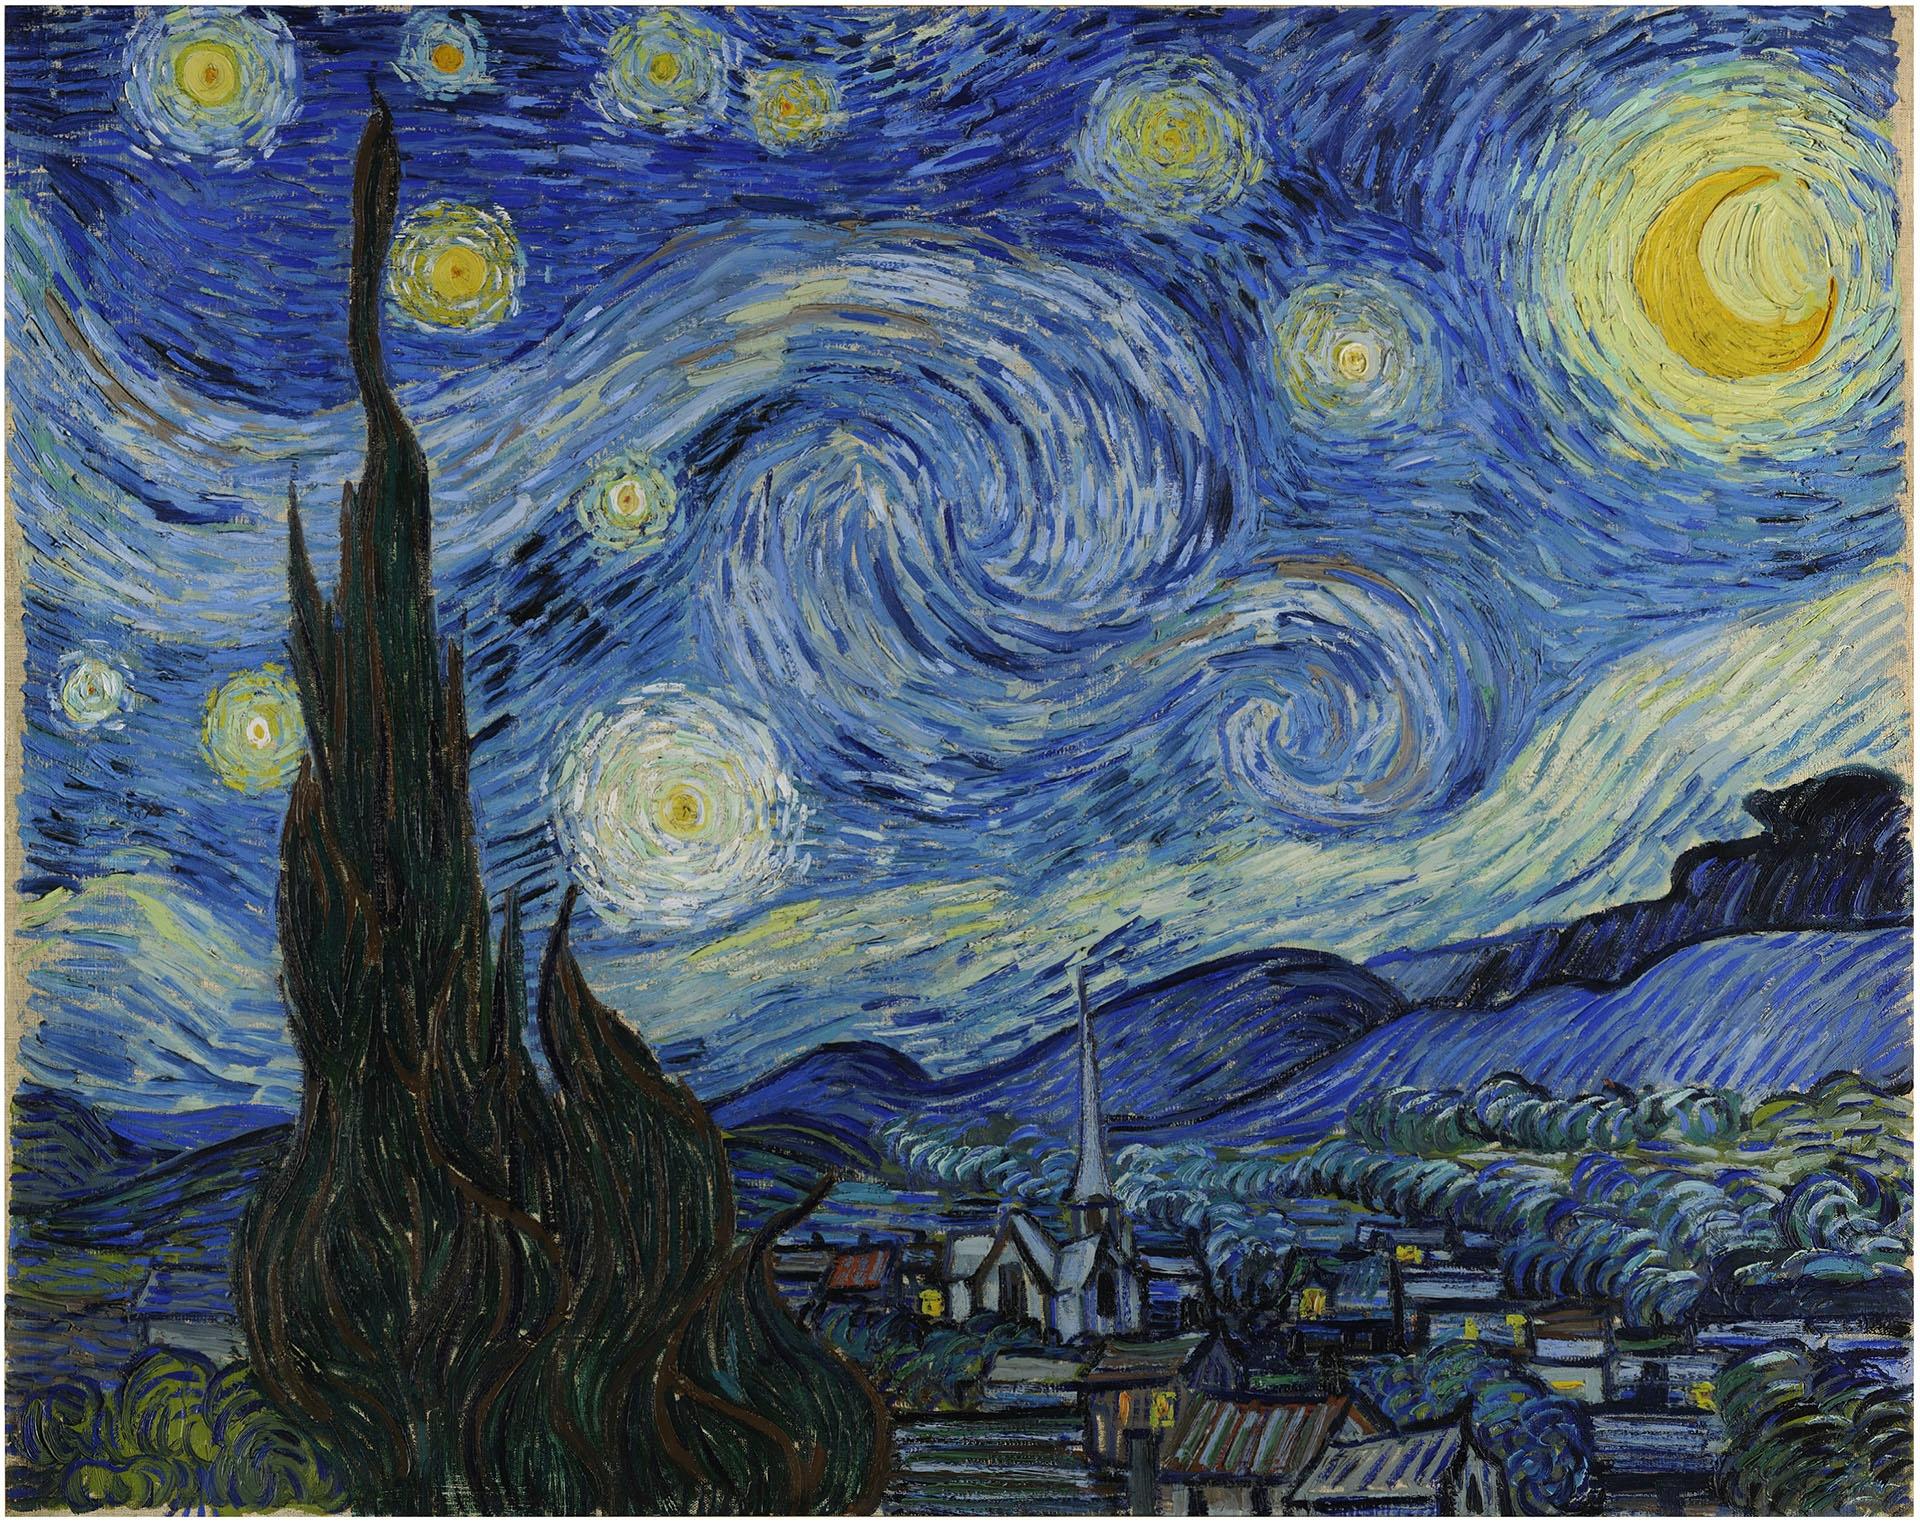 Obraz przedstawia dzieło znanego artysty namalowane w technice farb olejnych.